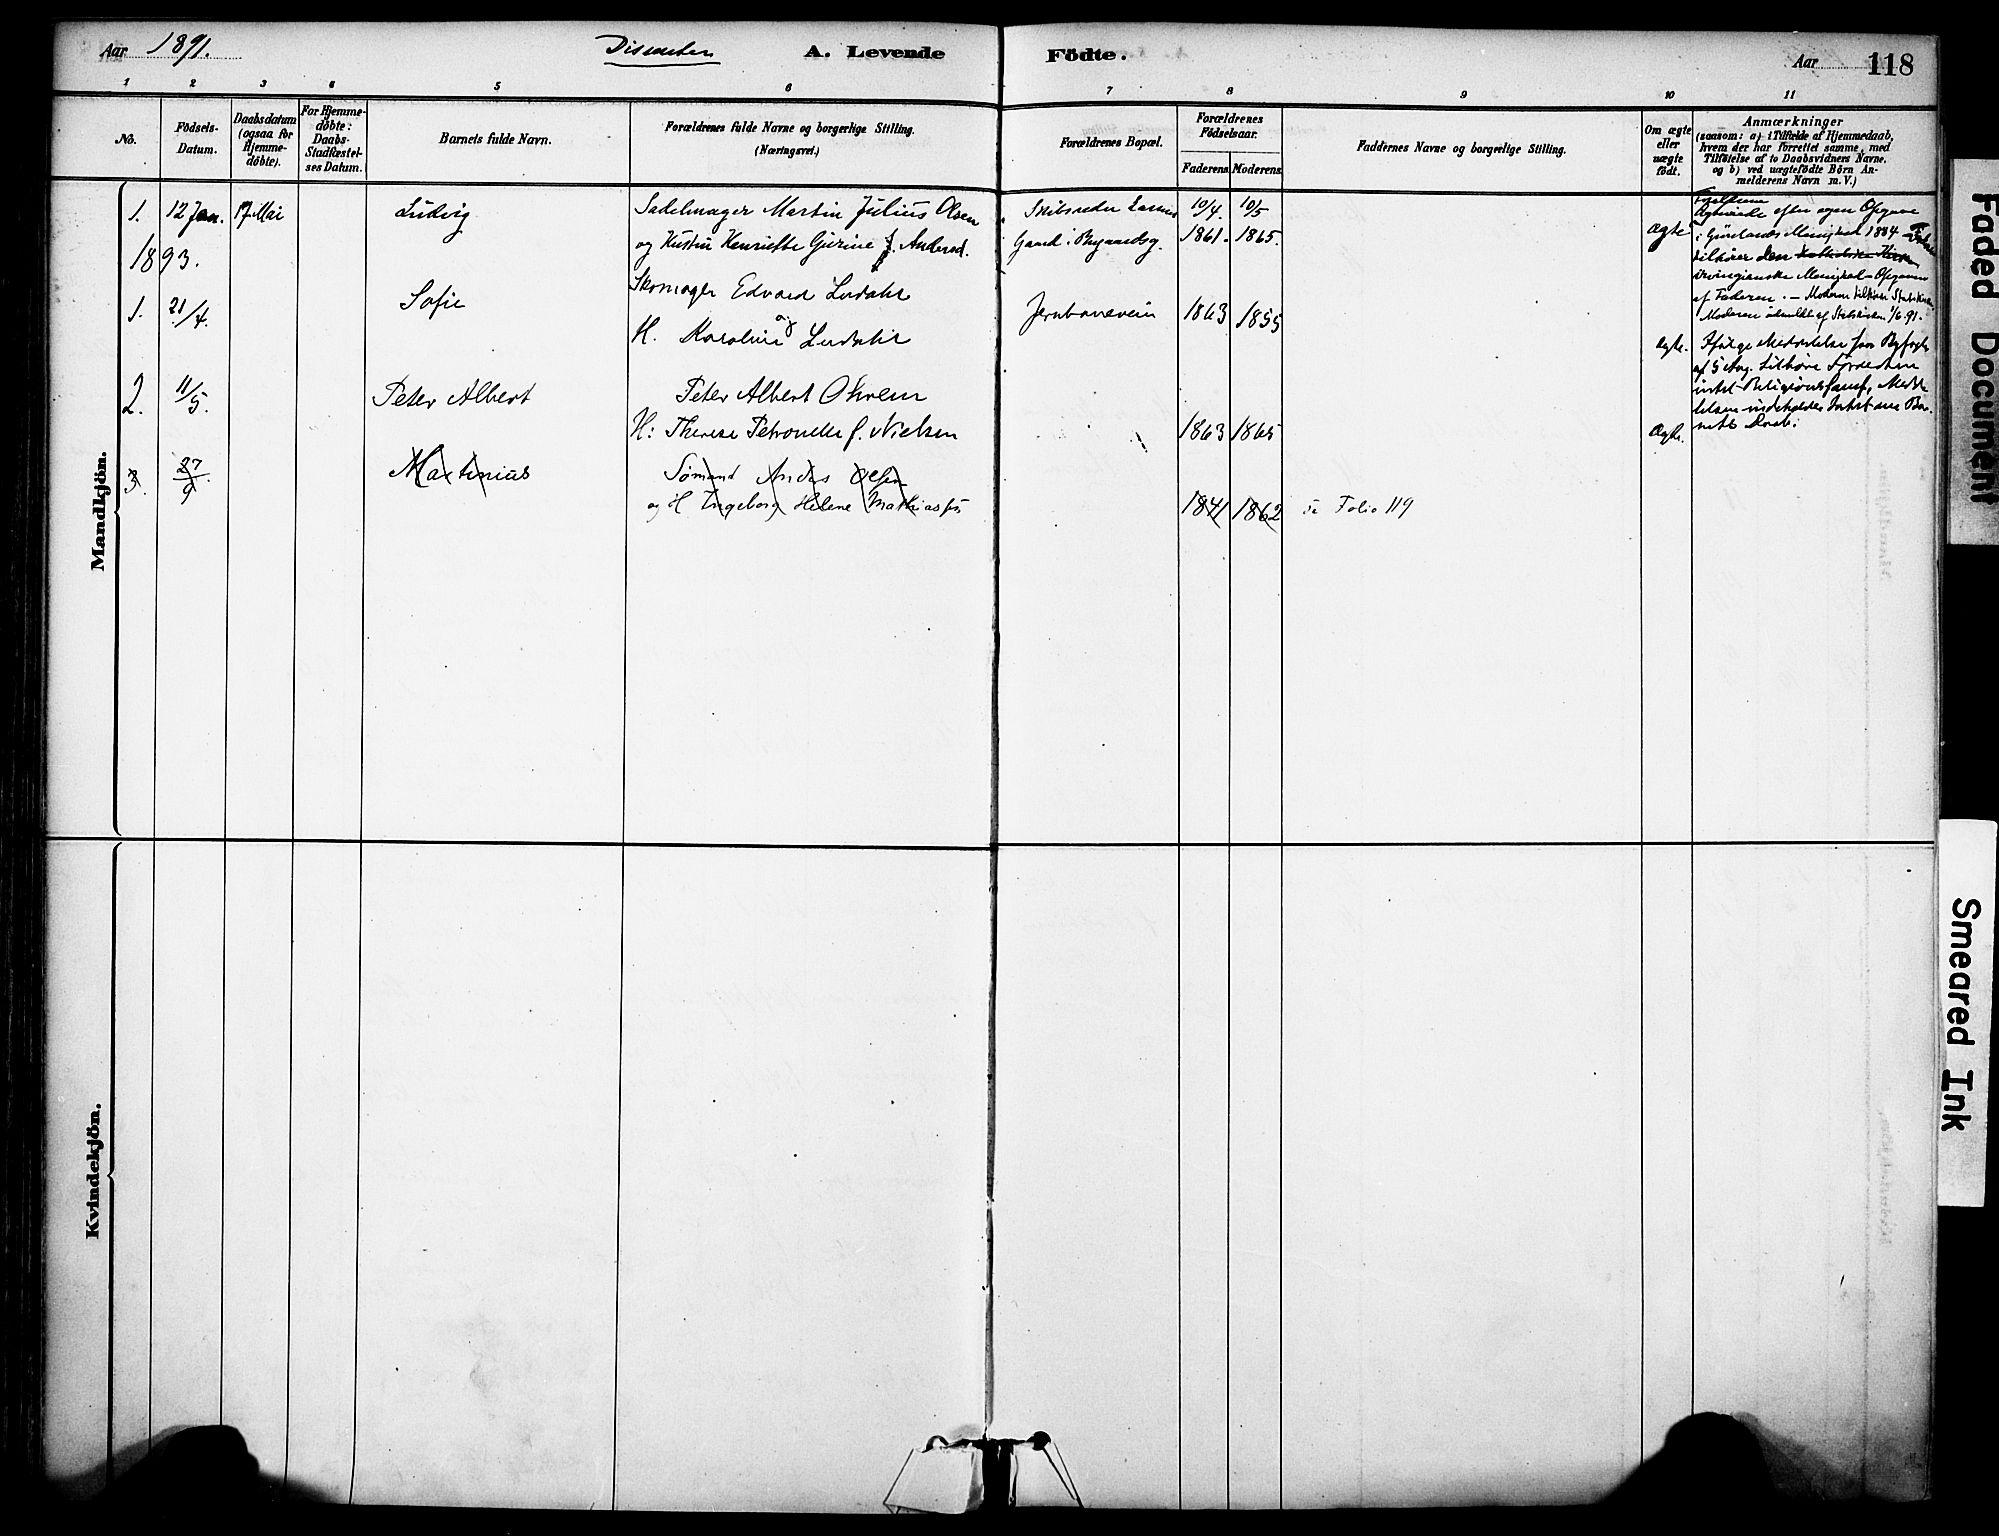 SAKO, Sandefjord kirkebøker, F/Fa/L0002: Ministerialbok nr. 2, 1880-1894, s. 118